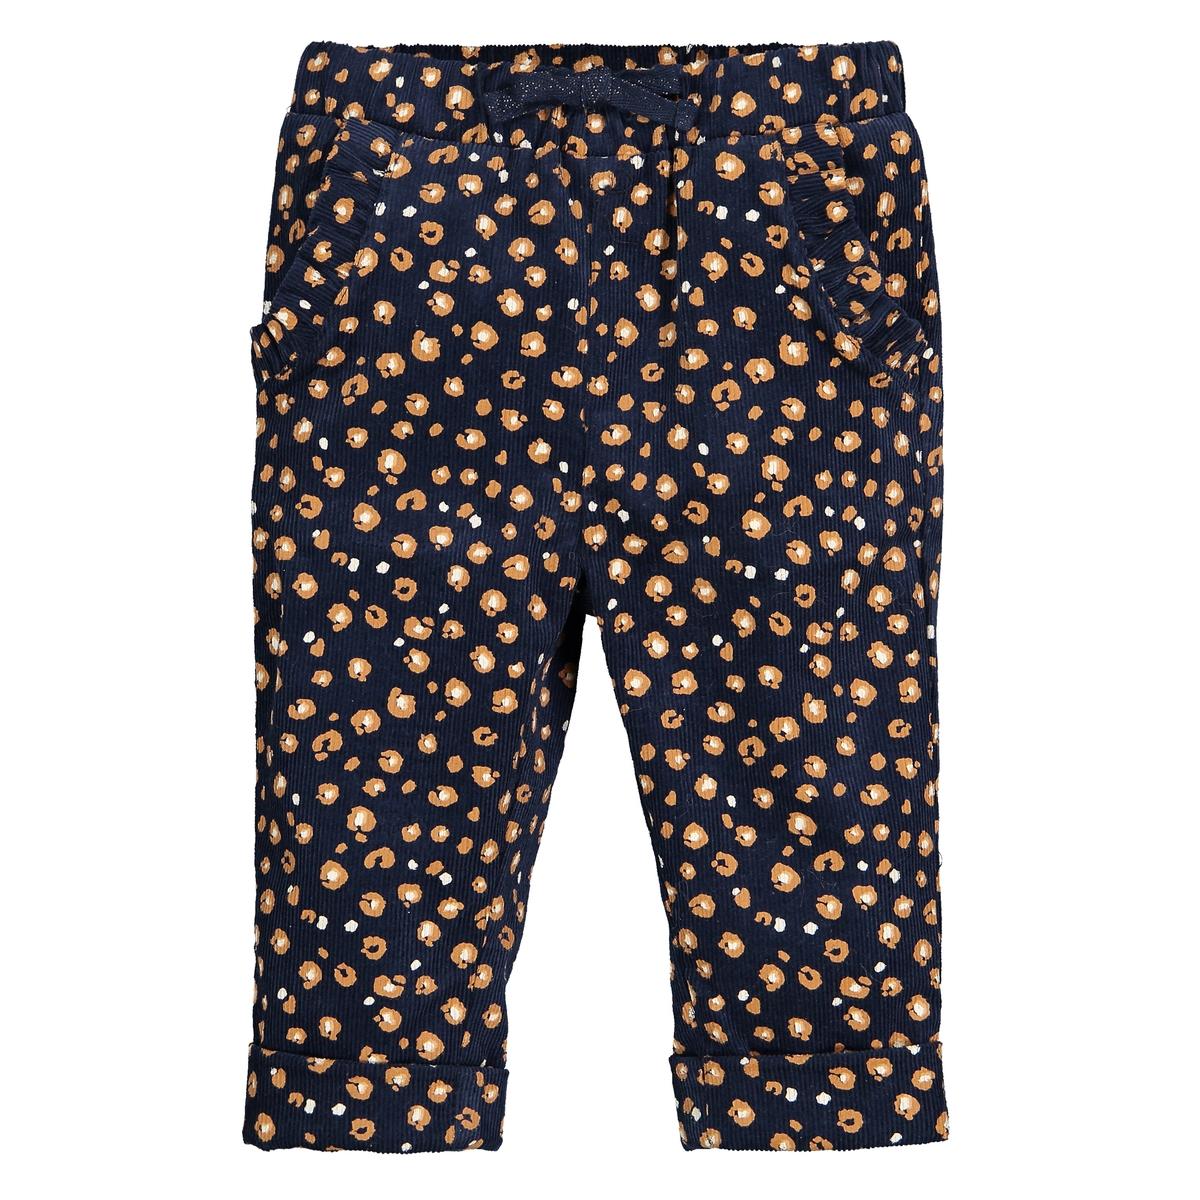 Леггинсы-брюки La Redoute Из велюра с принтом мес - лет 1 мес. - 54 см синий пижамы la redoute из велюра мес года 0 мес 50 см синий